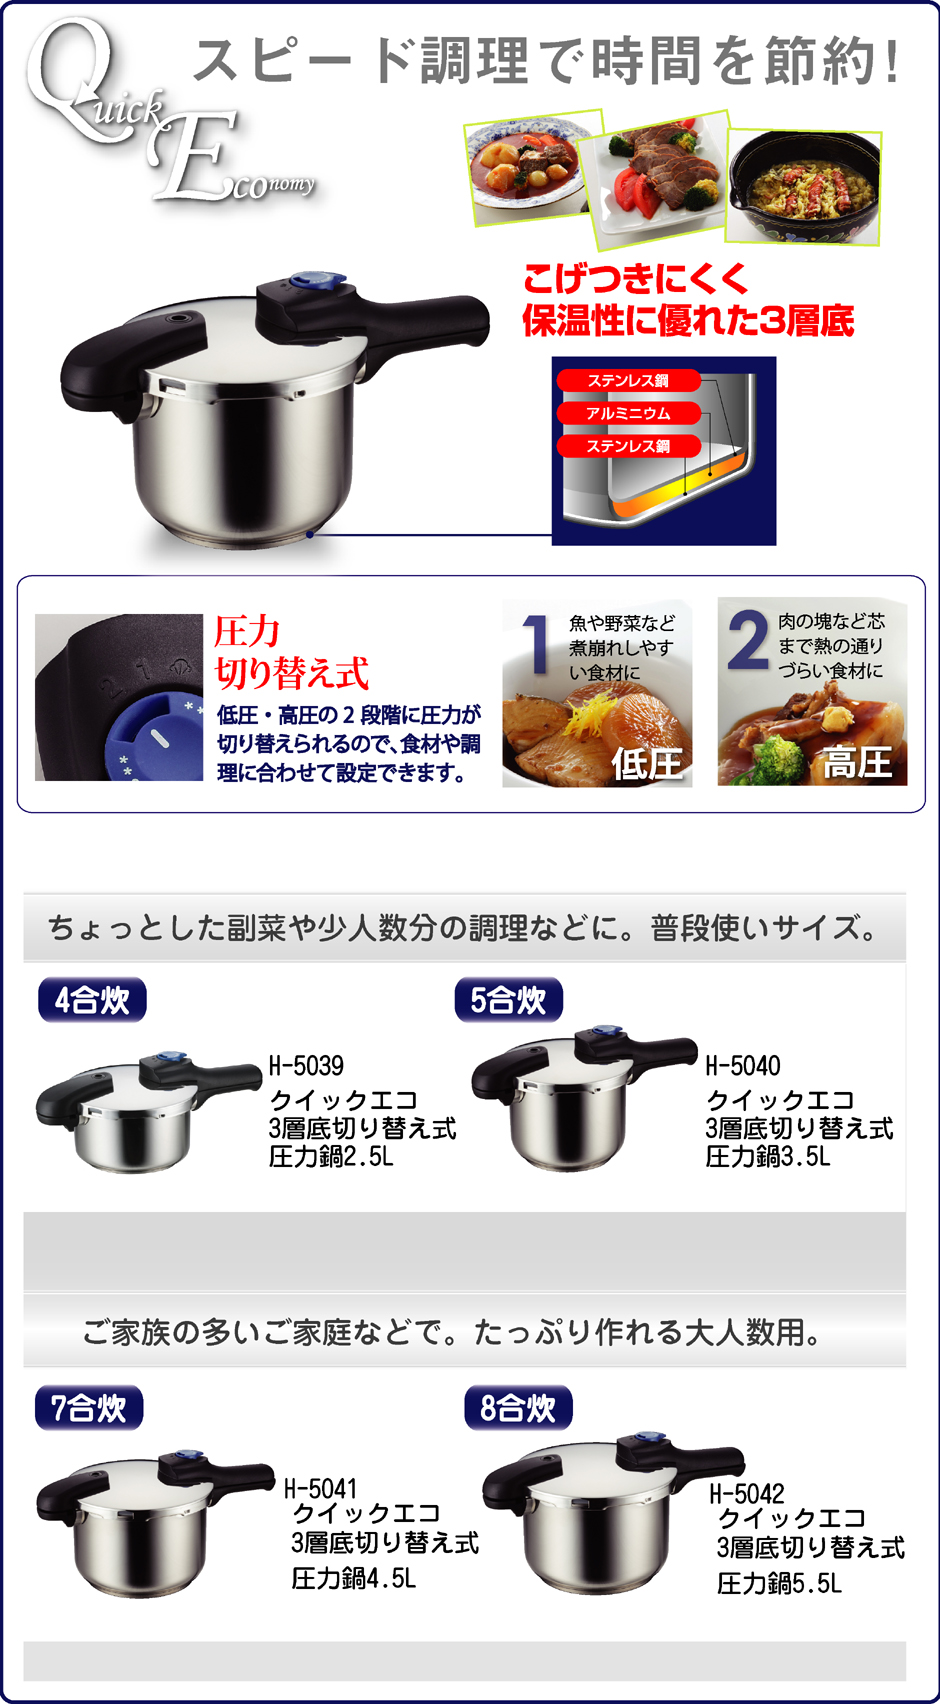 パール金属 [8合炊] 3層底切り替え式圧力鍋 クイックエコ 5.5L H-5042